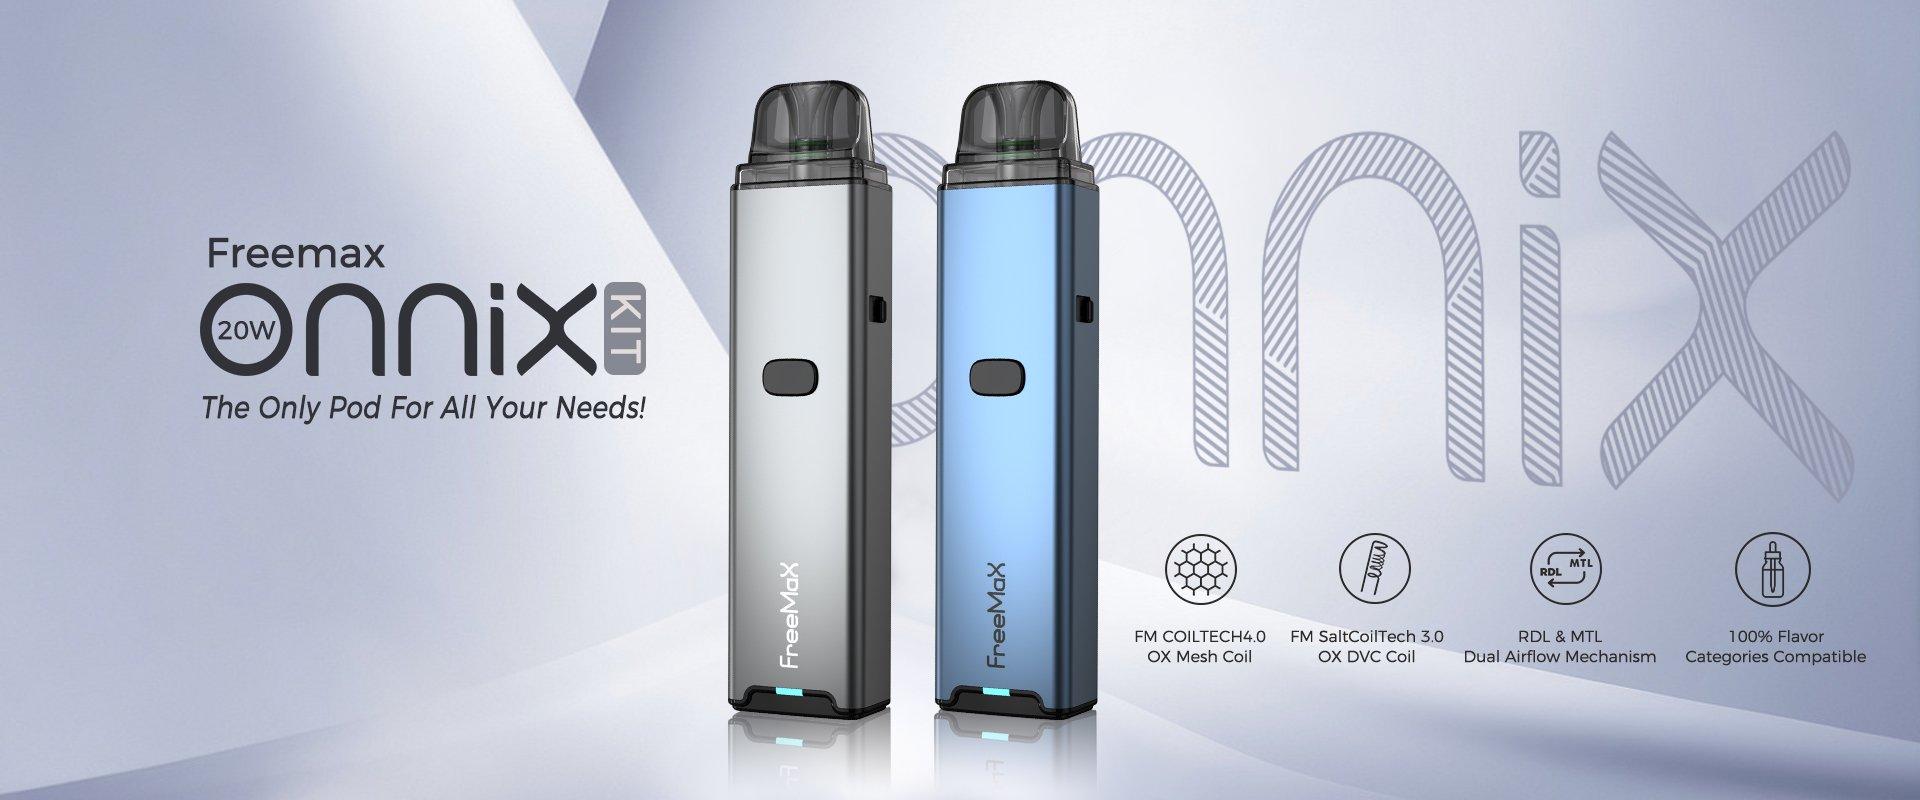 Freemax onnix kit 20w - banner